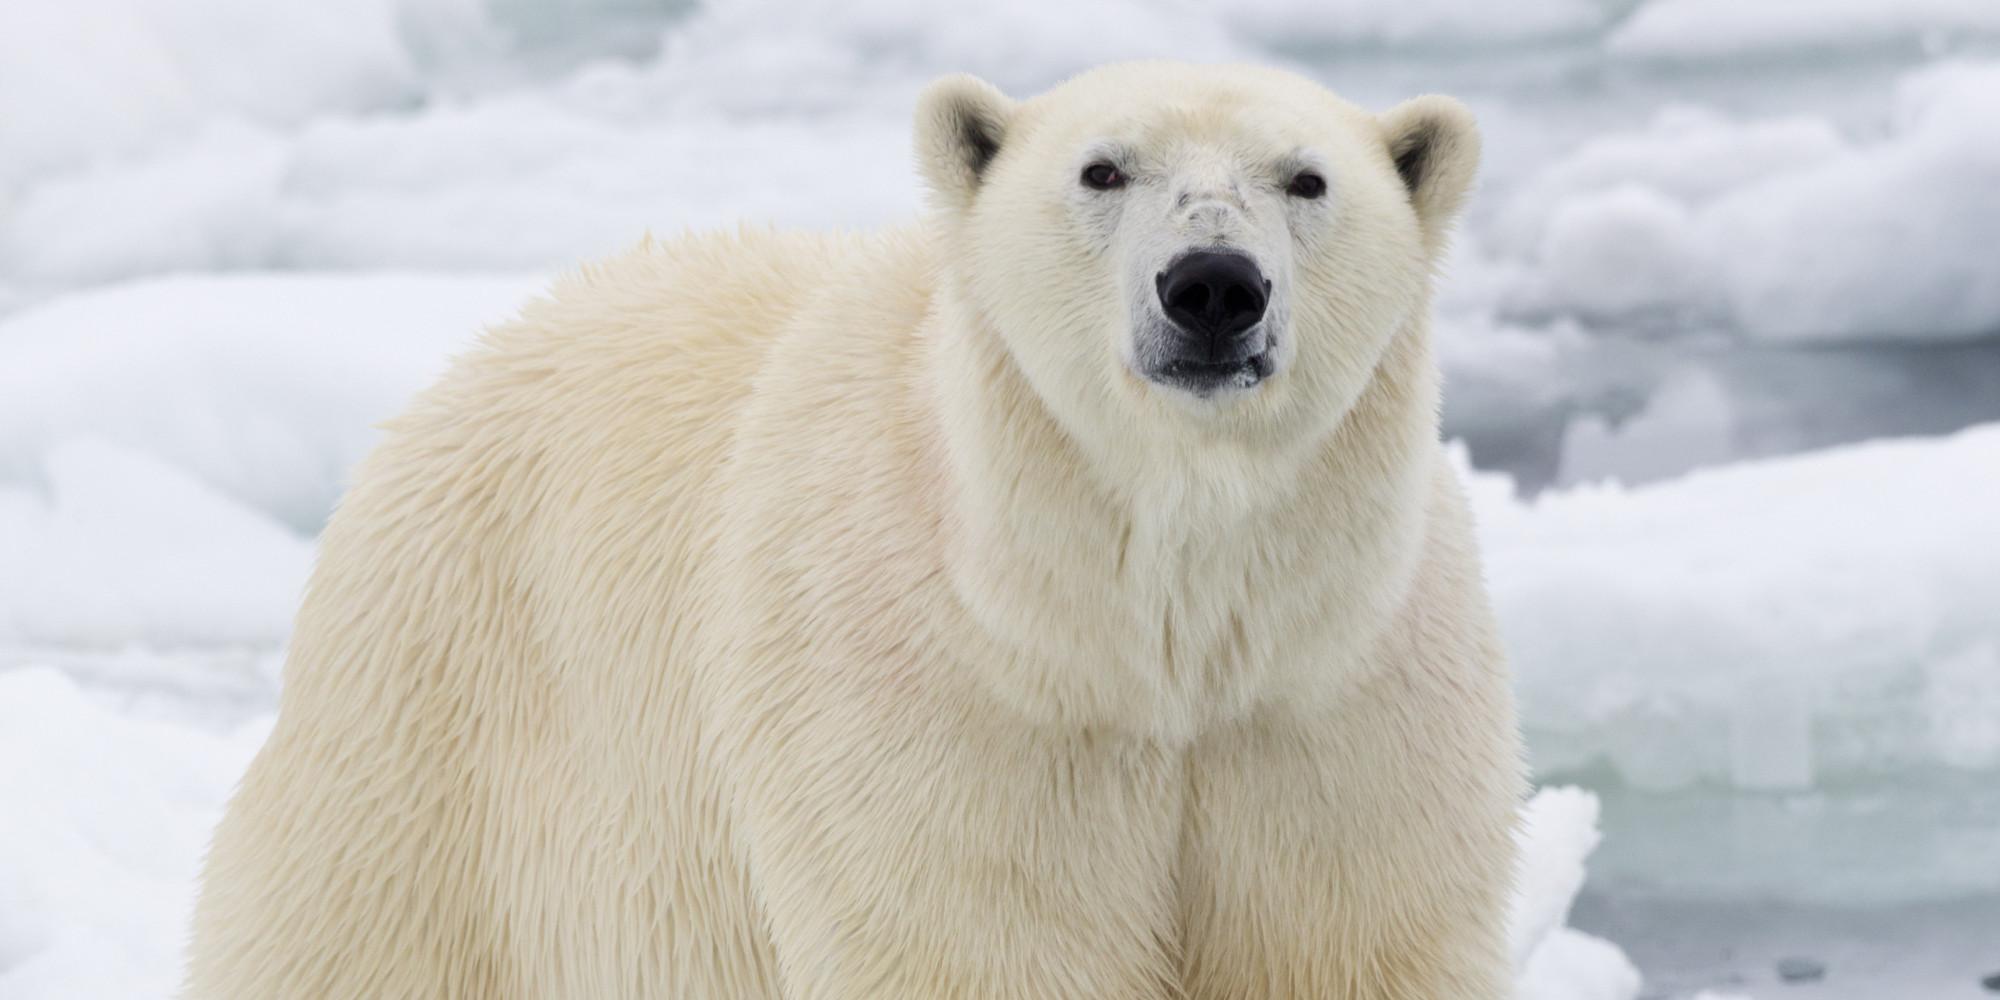 The Polar Bear S Vanishing World Dr Steven C Amstrup